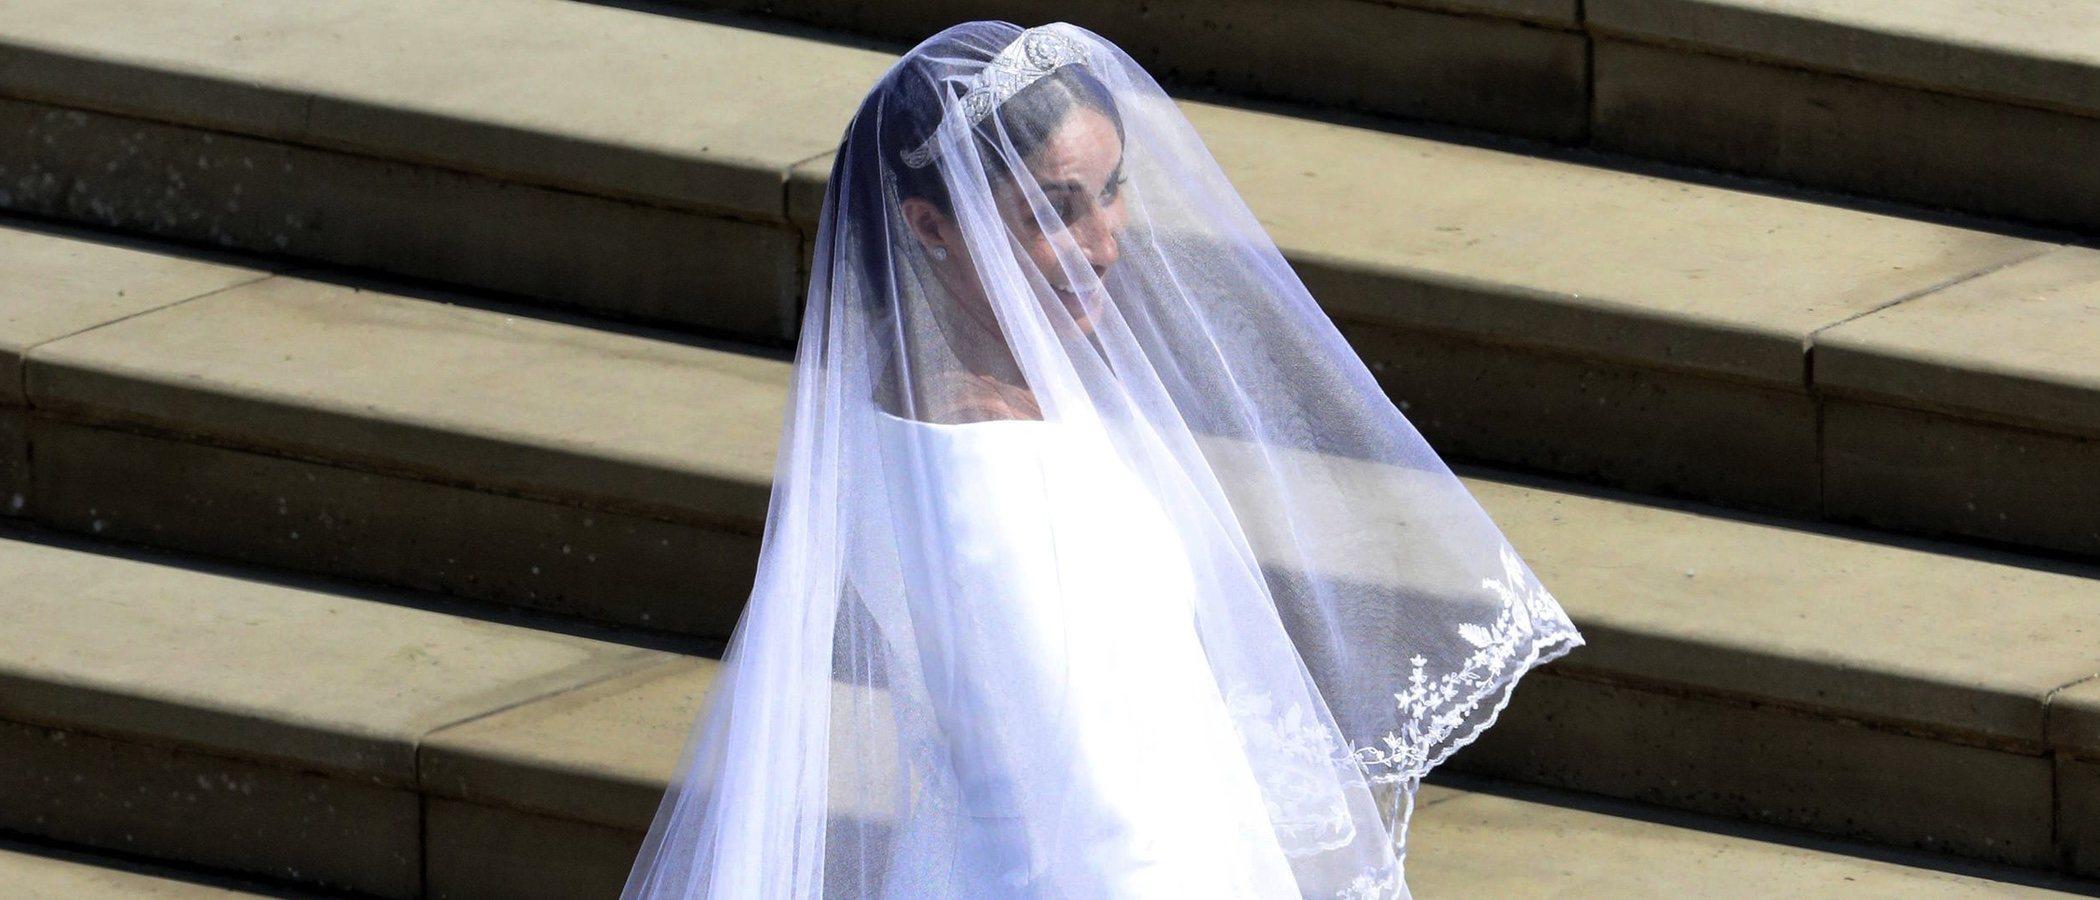 Diseñado por una mujer y muy sofisticado: Así ha sido el vestido de novia de Meghan Markle